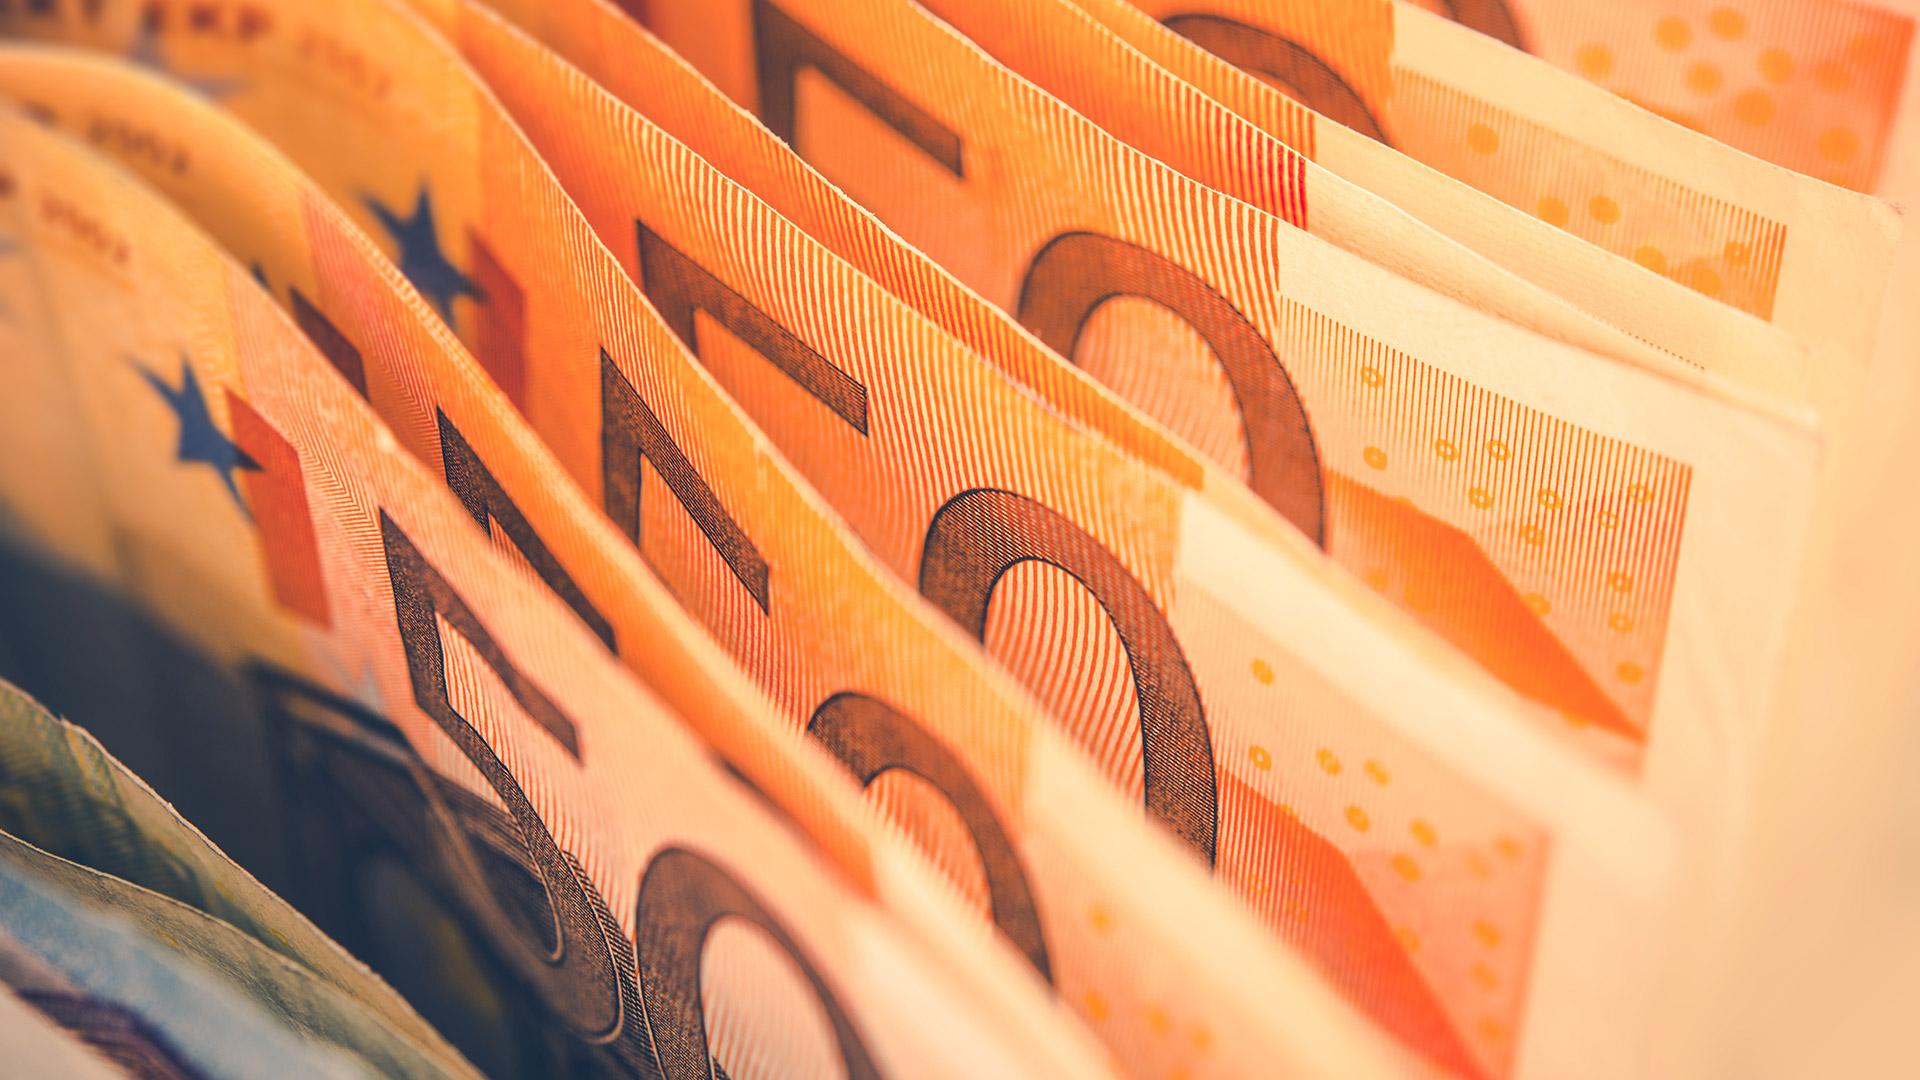 Prestiti Veloci Online: Finanziamenti Personali Rapidi 2017